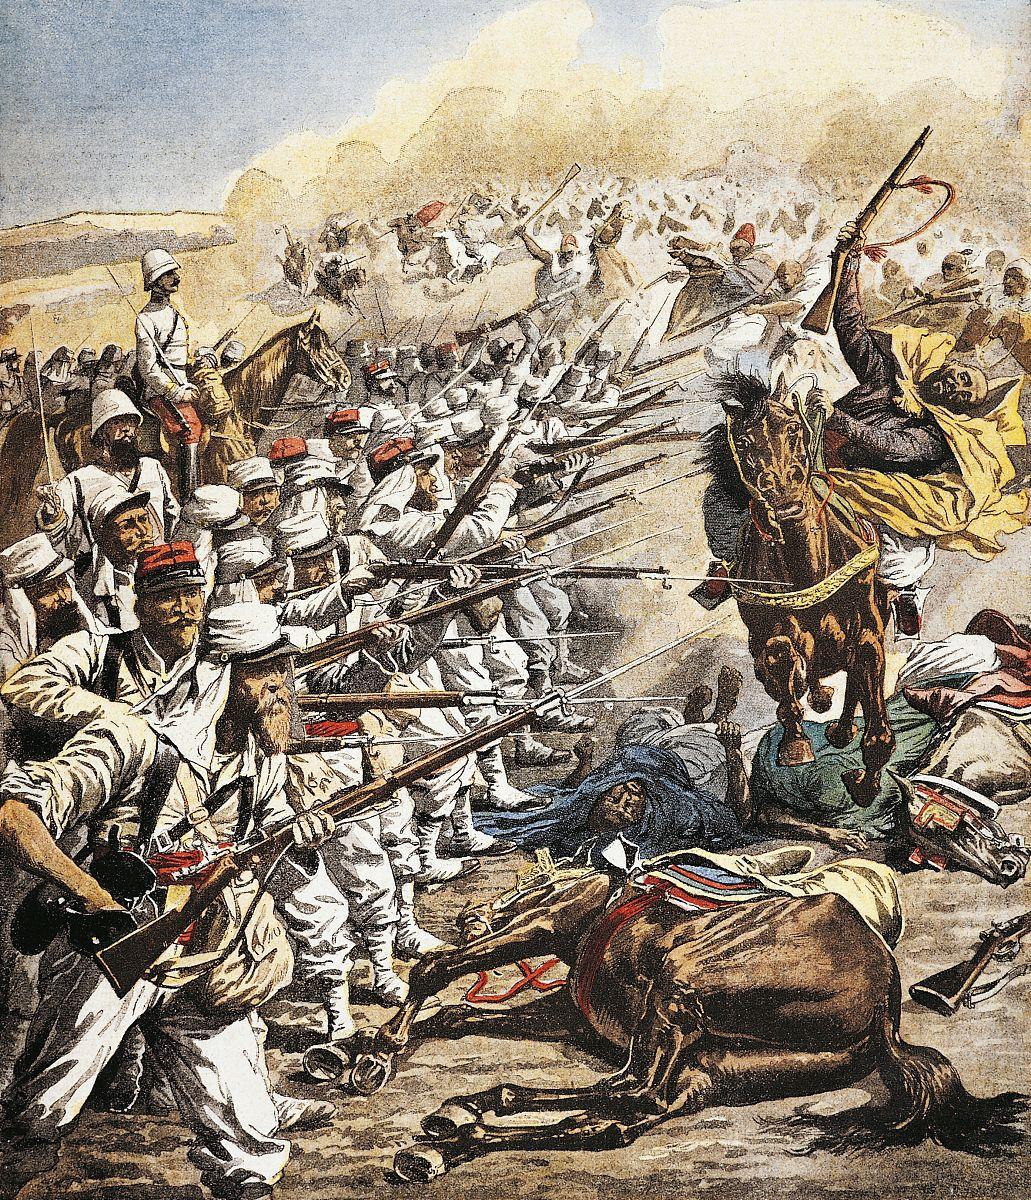 法国将军的部队击退利奥摩洛哥突击,十月1907,雕刻从小报,殖民战争图片